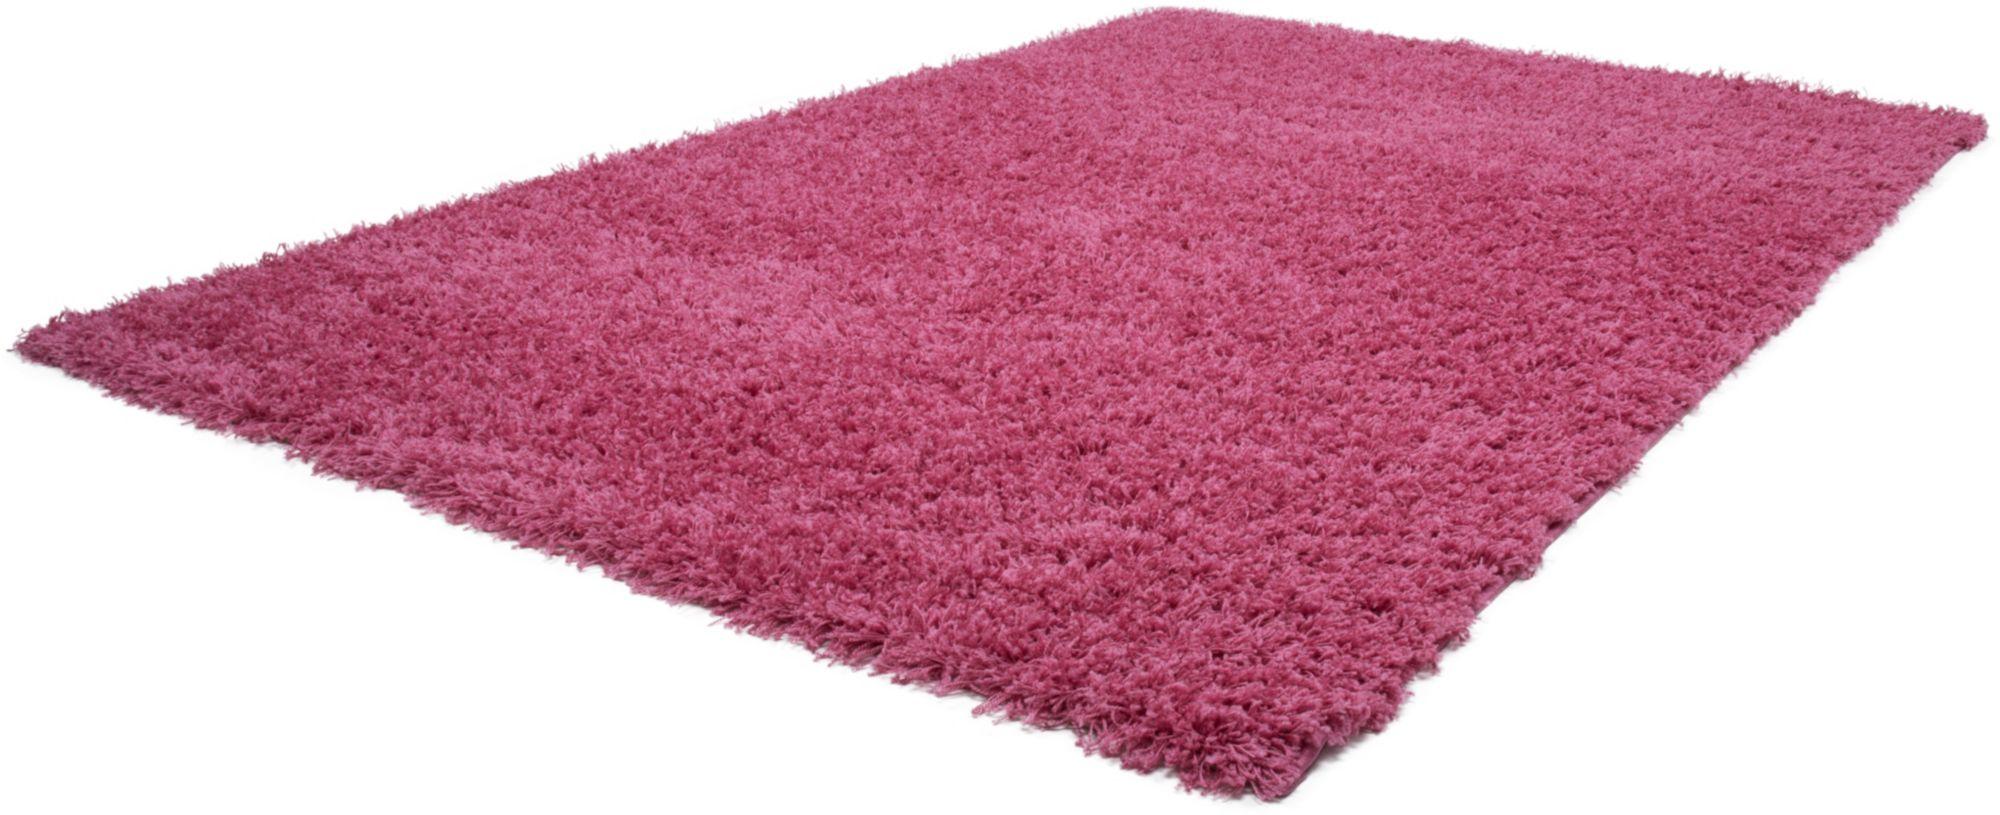 Hochflor-Teppich, »Relax«, Lalee, rechteckig, Höhe 45 mm, maschinell gewebt